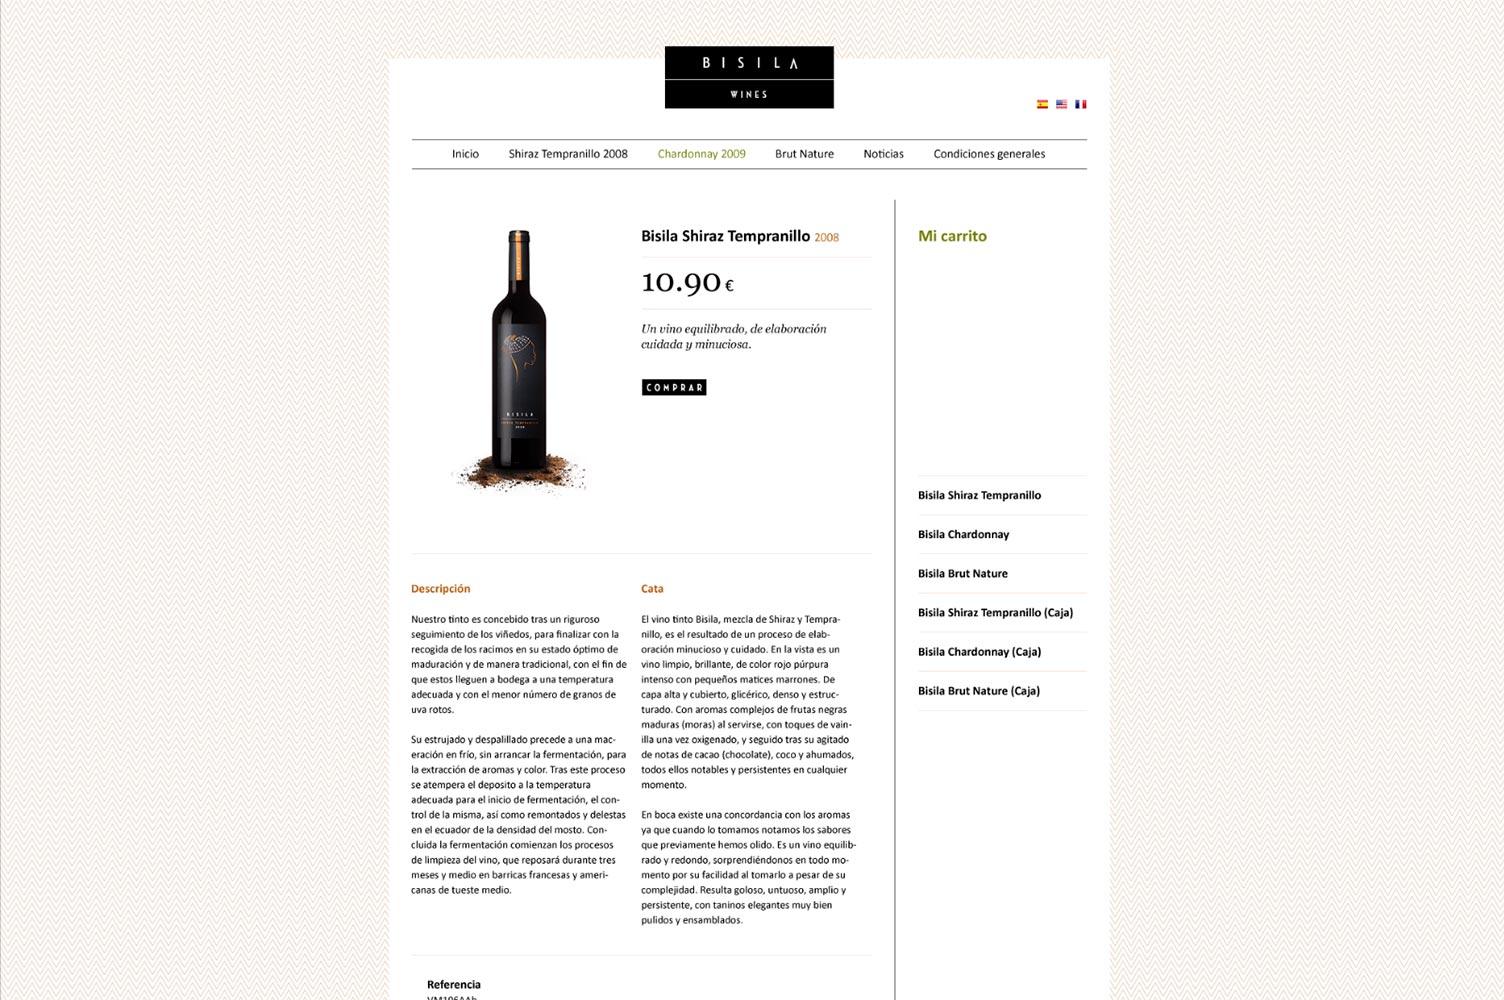 Online shop Bisila Wines ficha de producto